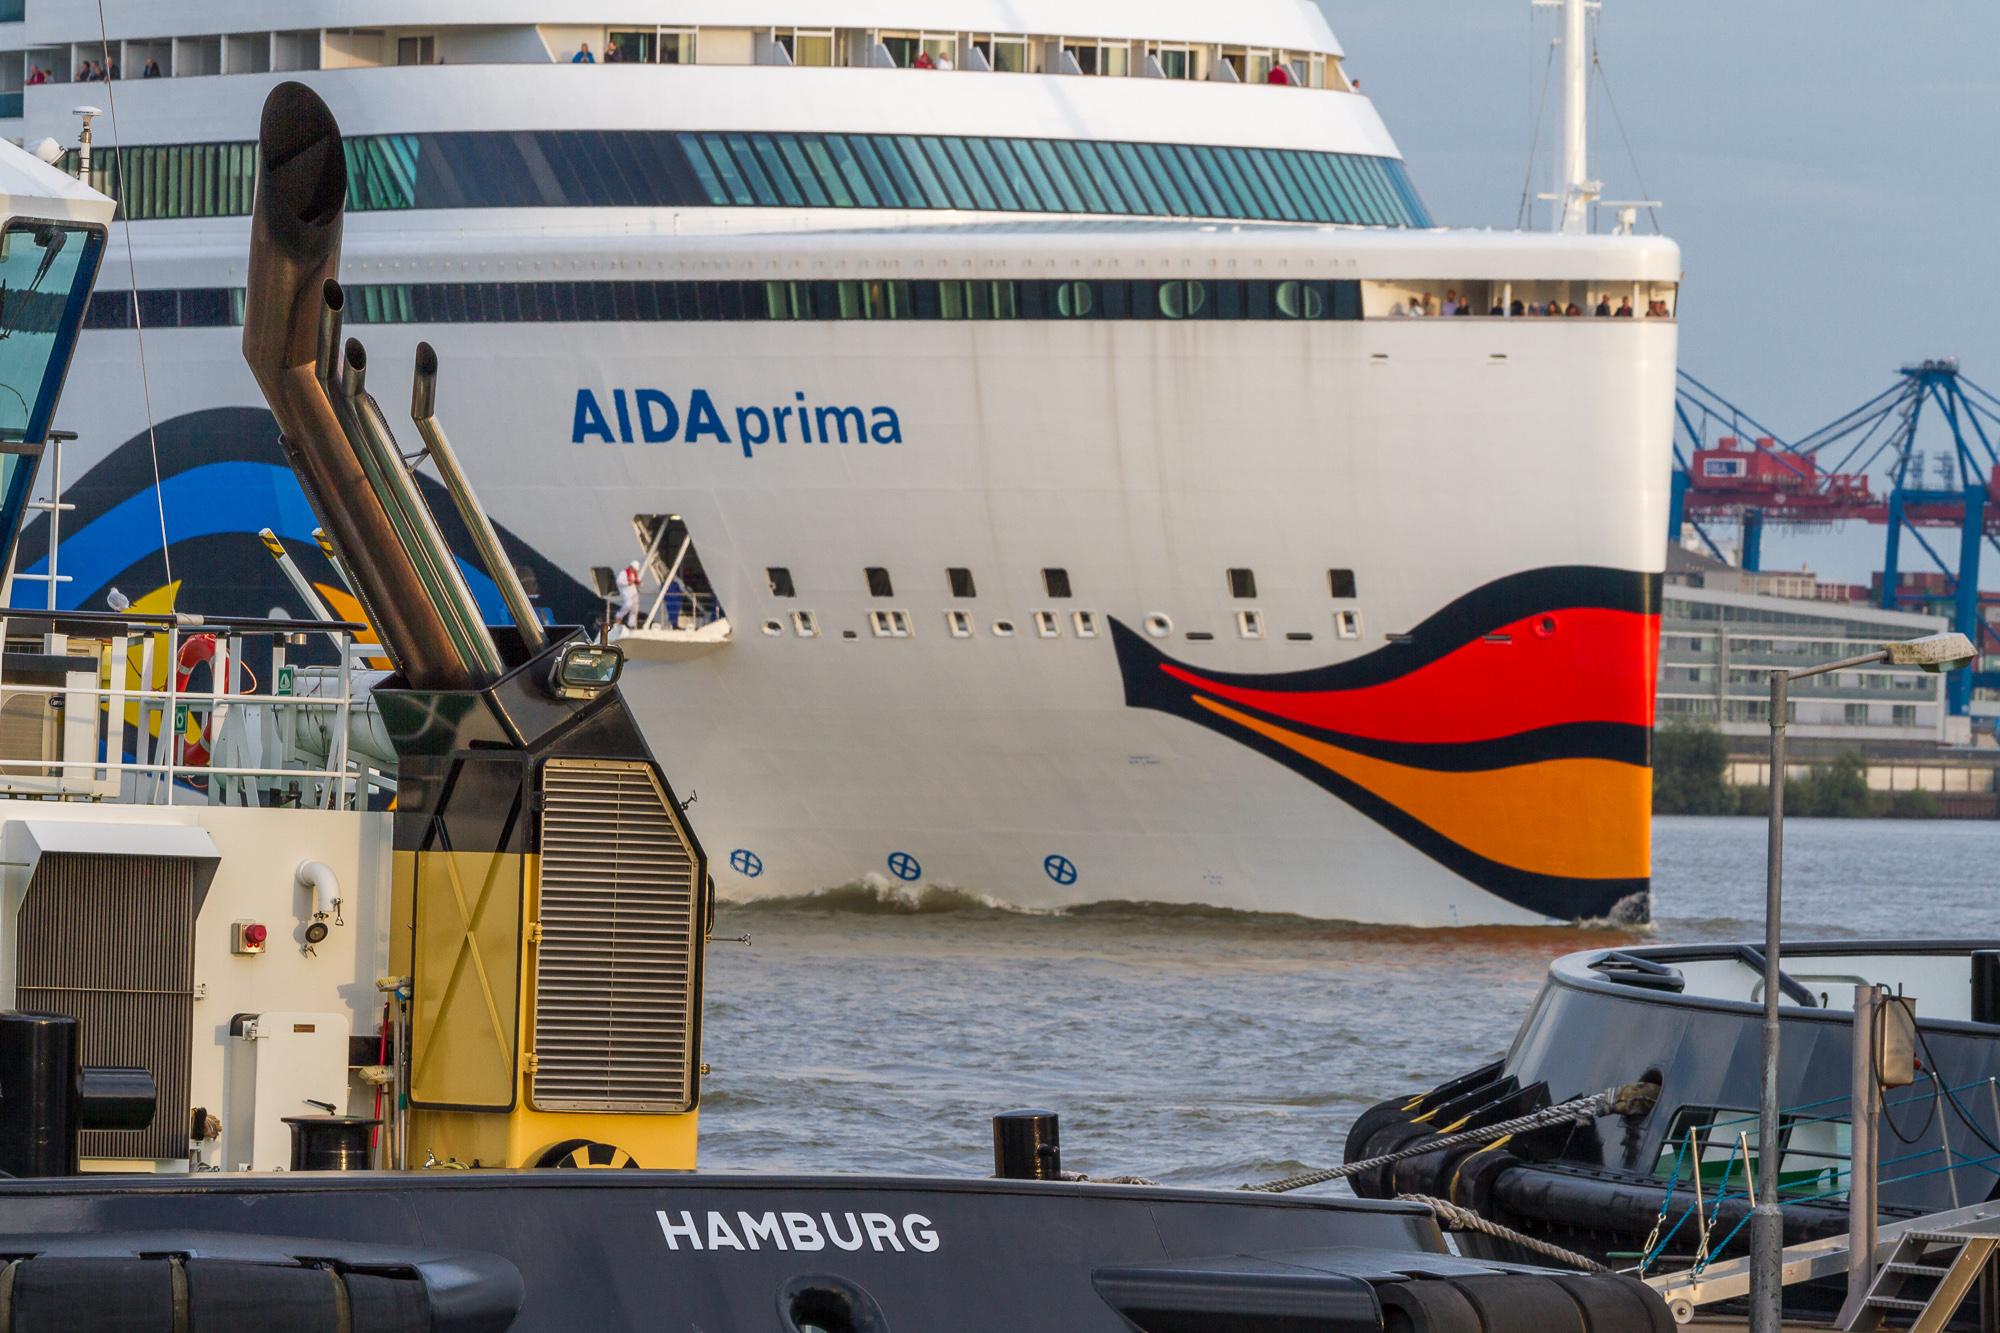 Aida prima in HH